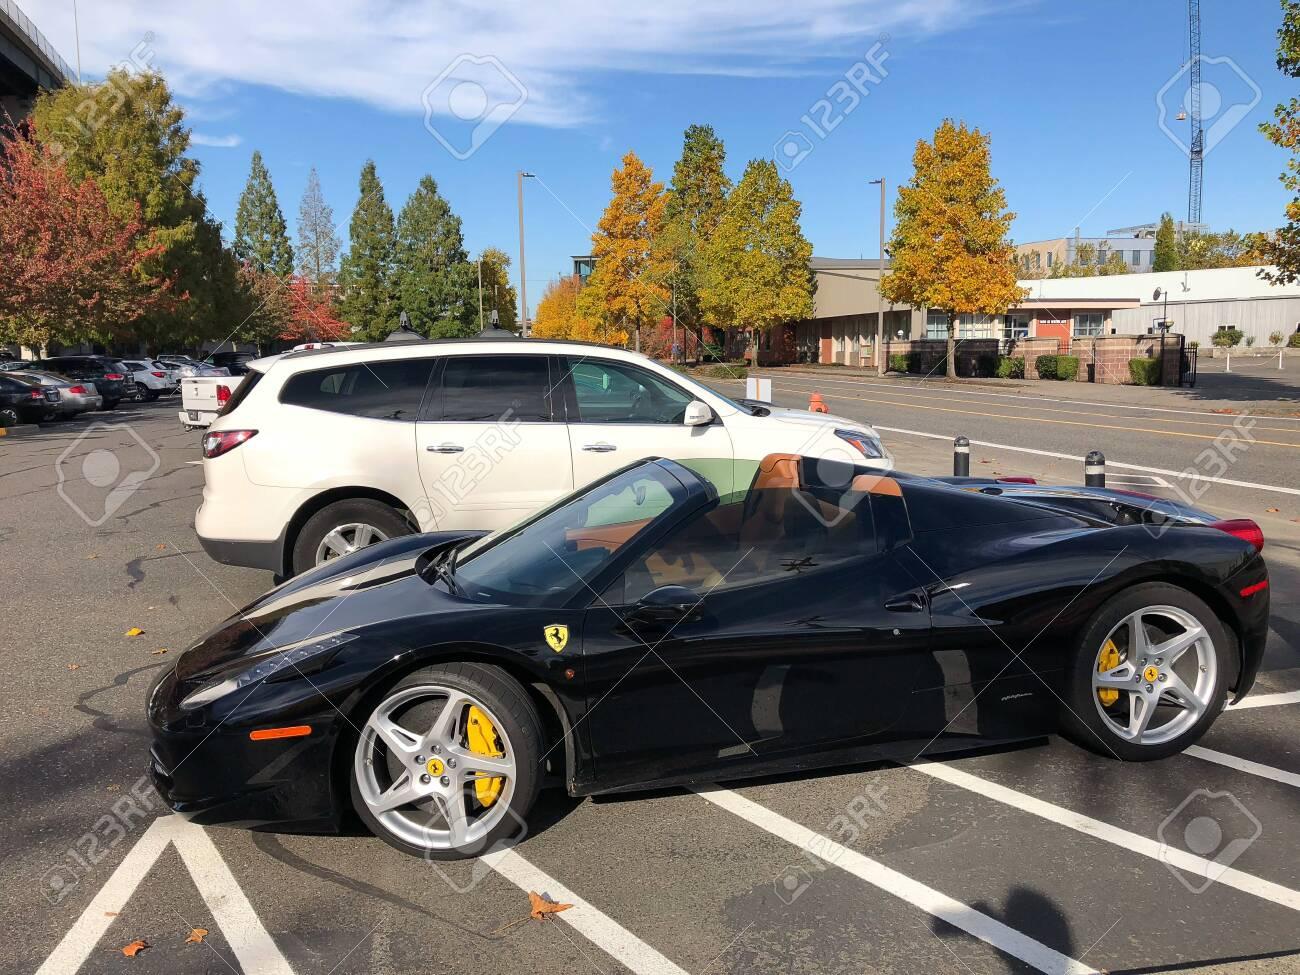 Ferrari Portland Oregon Lizenzfreie Fotos Bilder Und Stock Fotografie Image 117650547